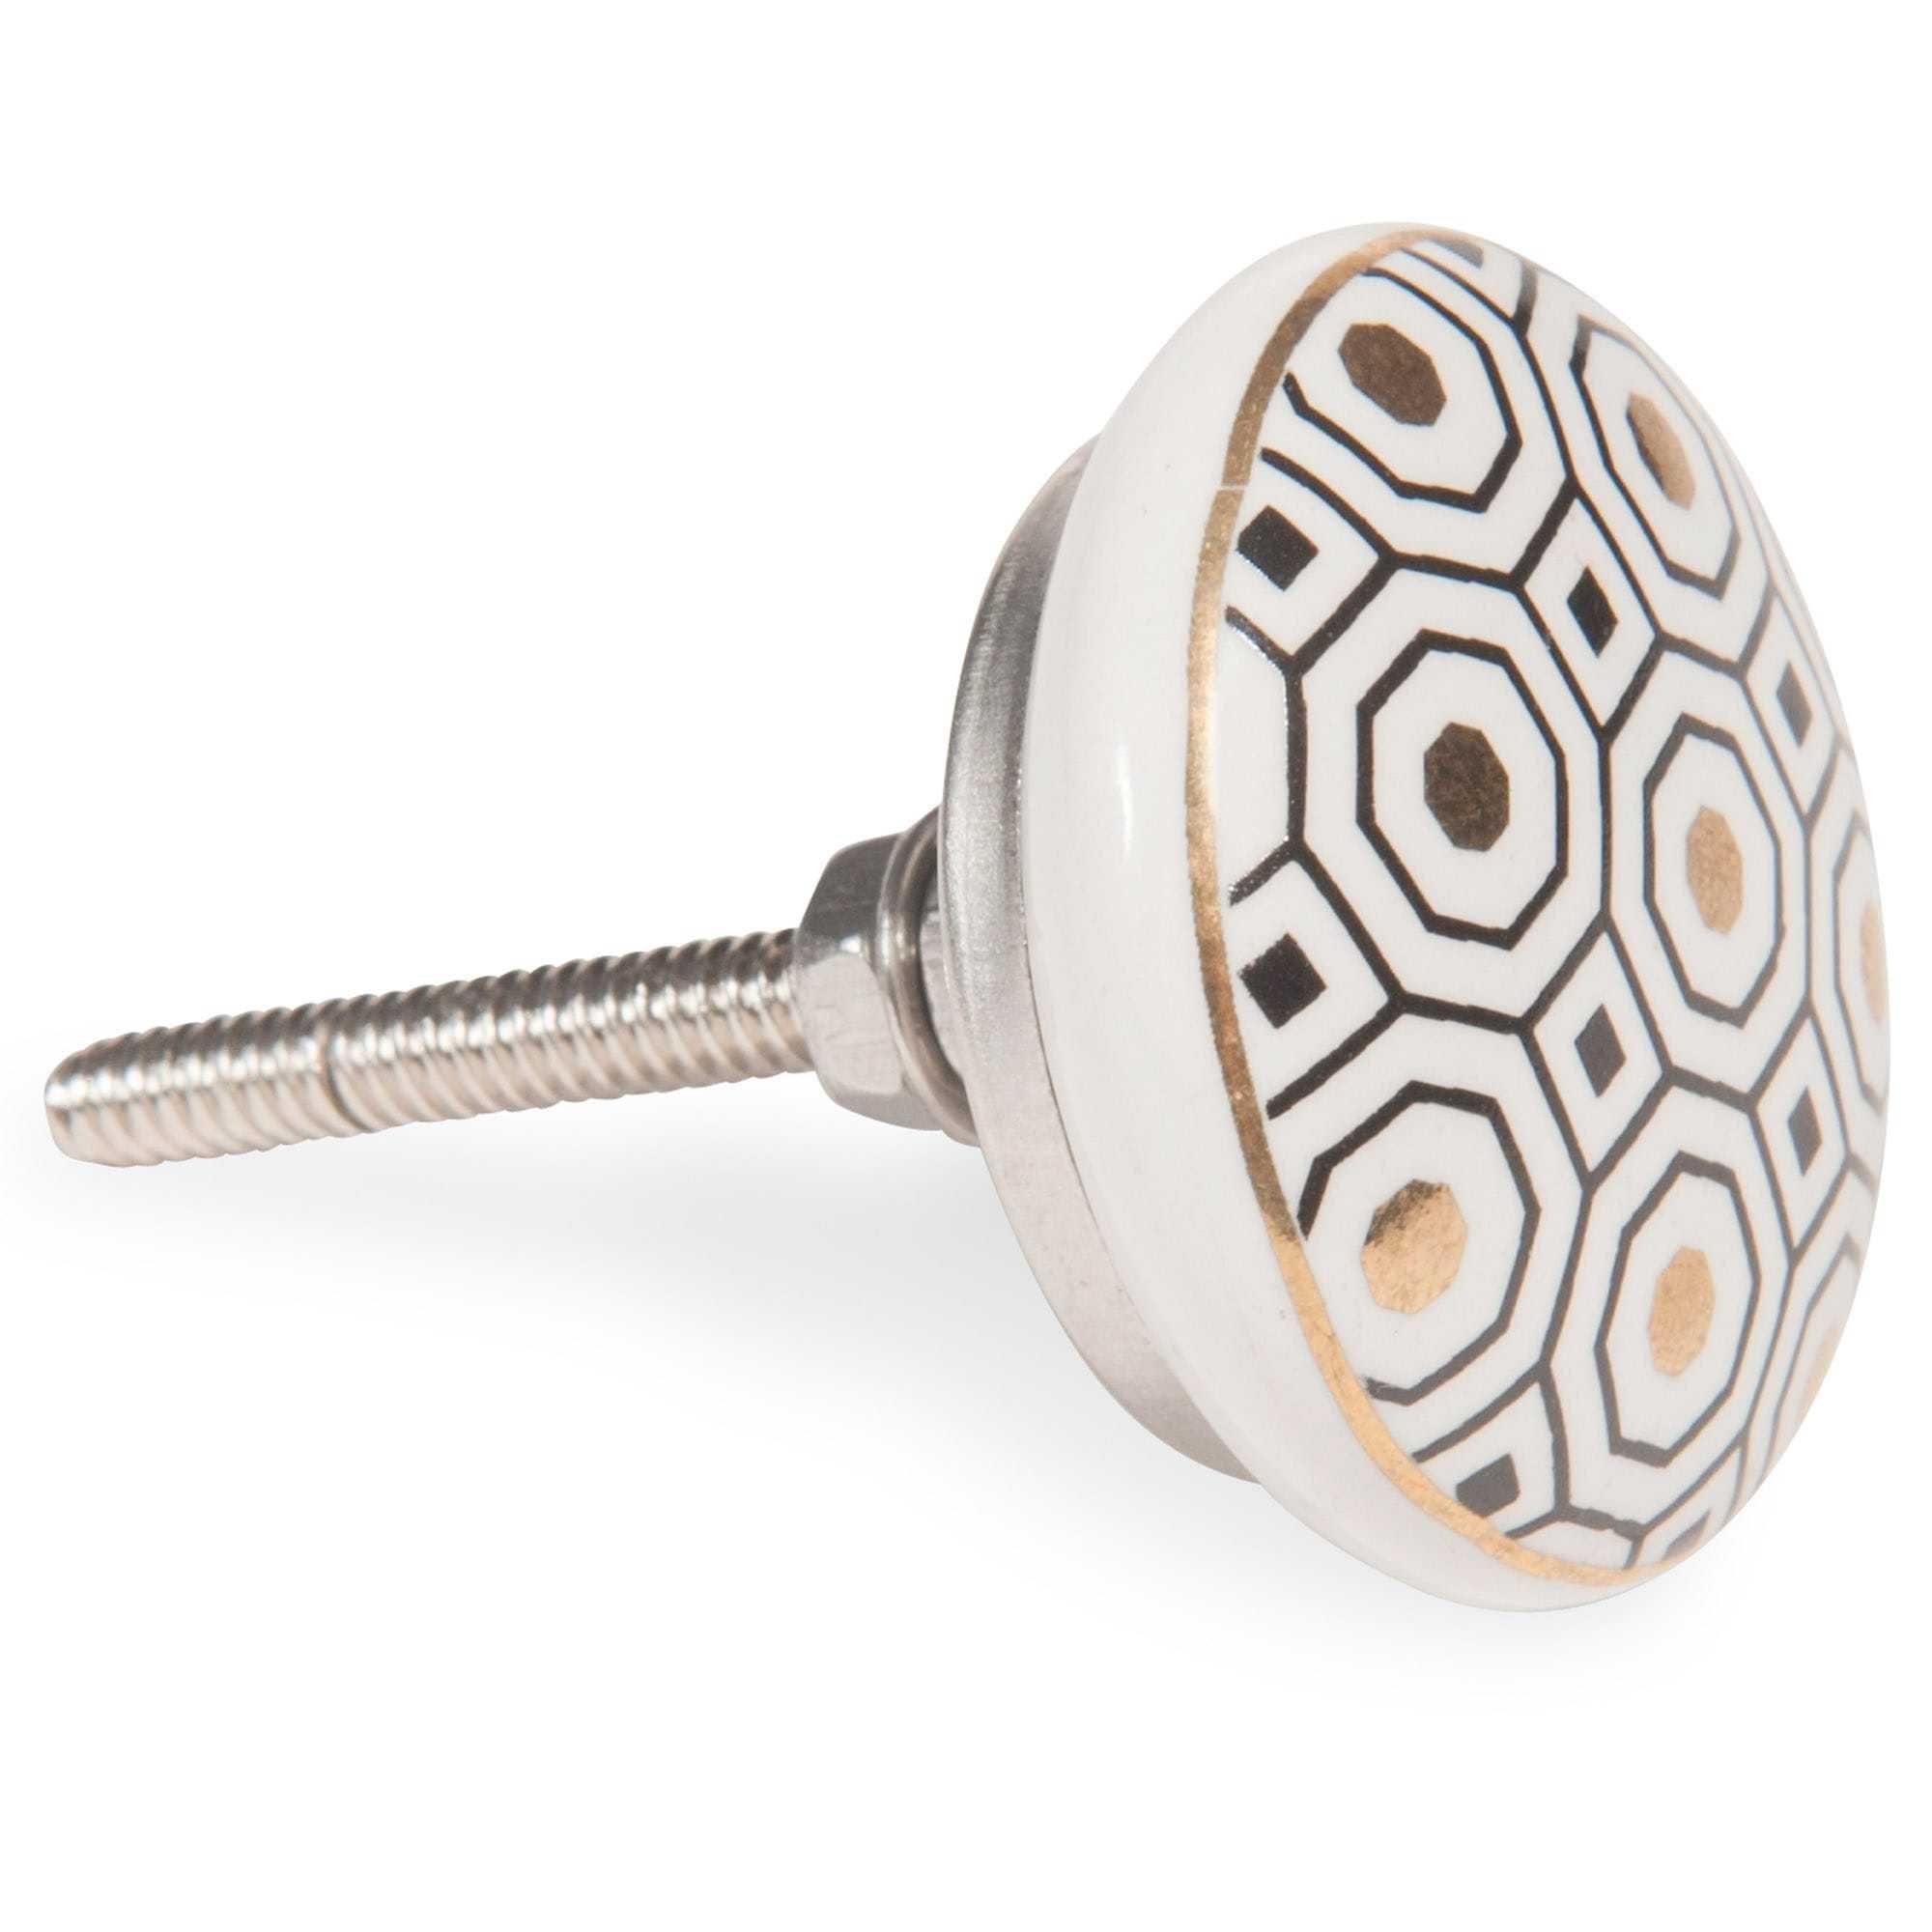 bouton de porte en céramique | bouton de porte, commode ancienne et